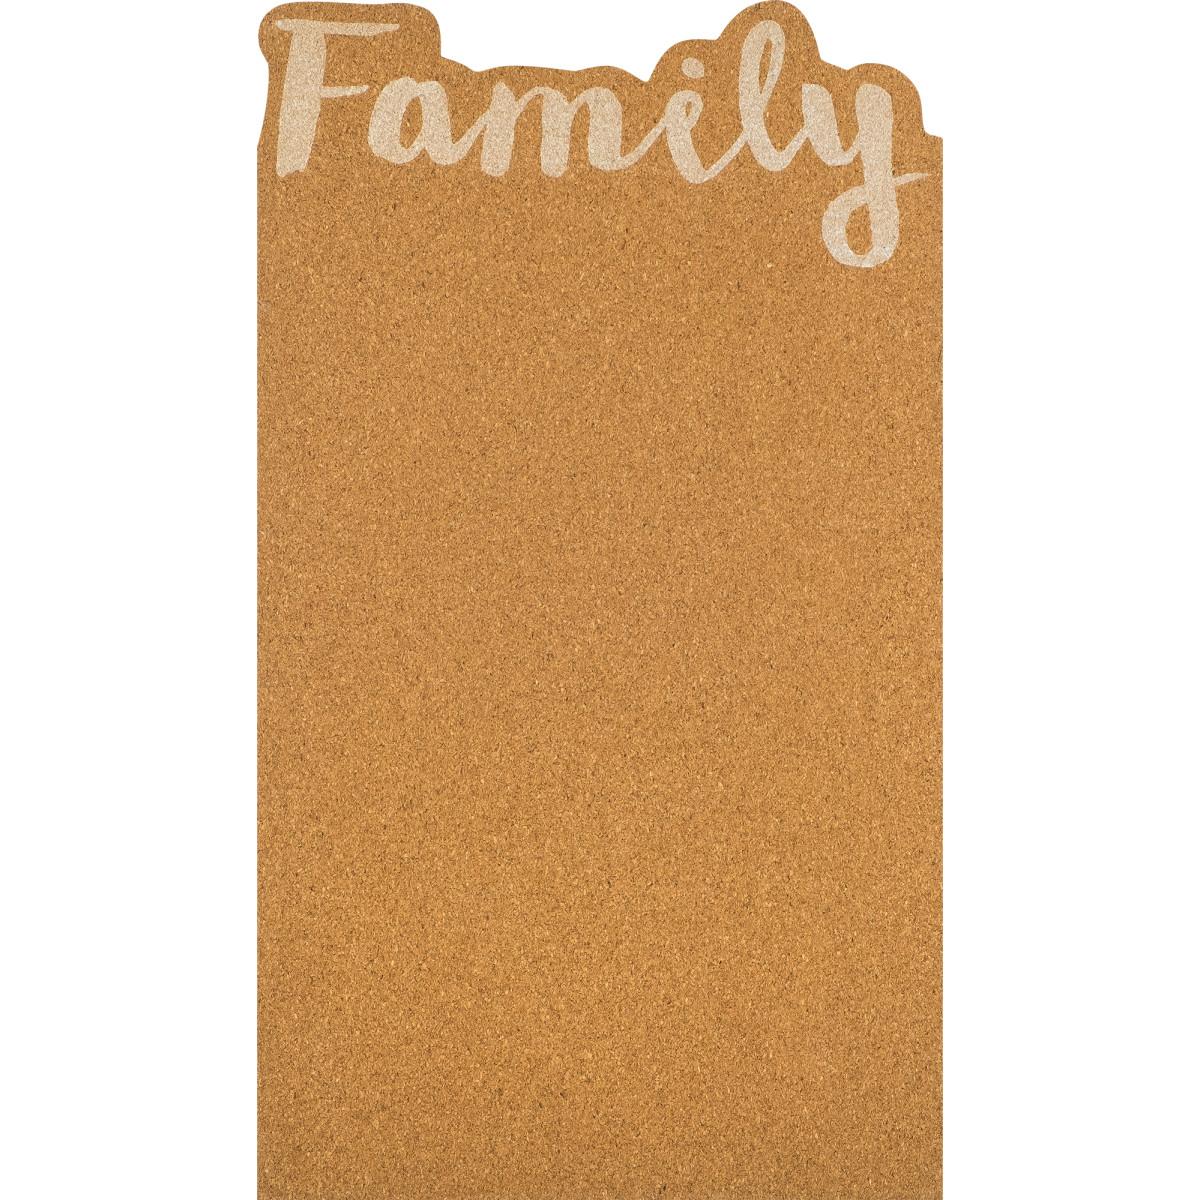 Доска пробковая «Семья» 25х45